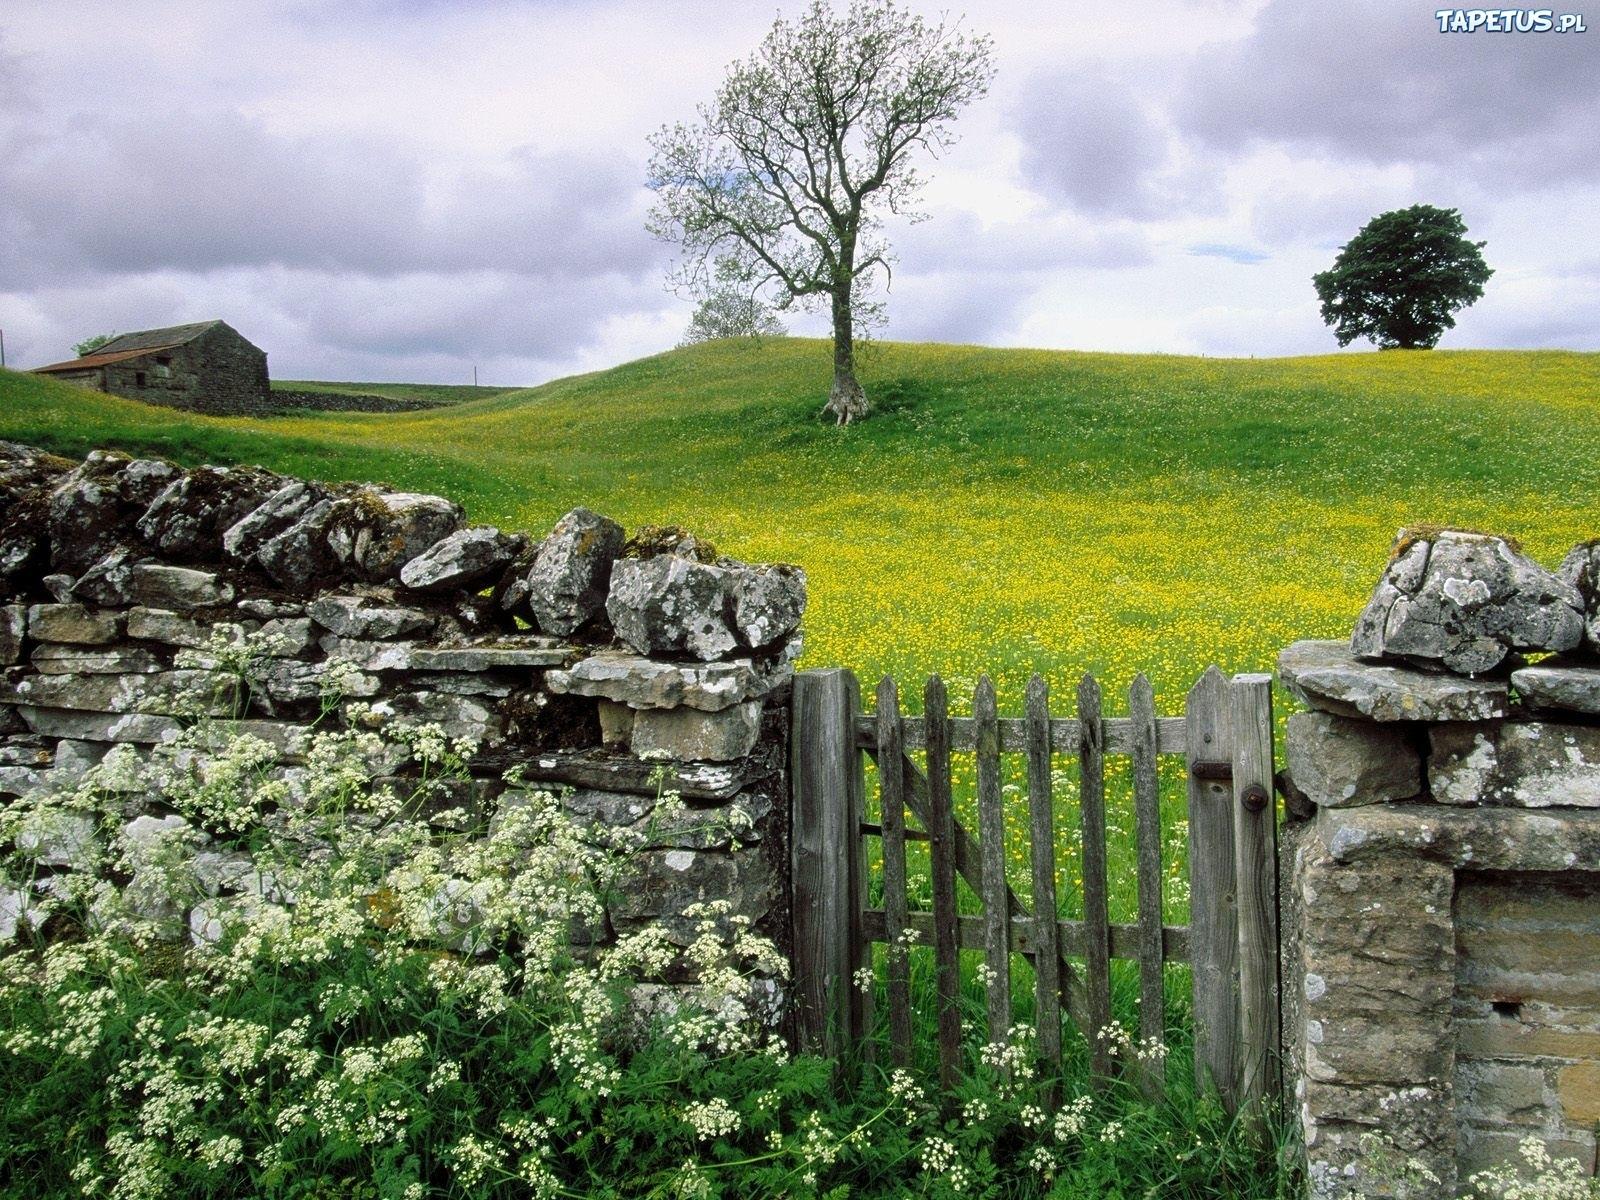 Ворота, Англия без смс